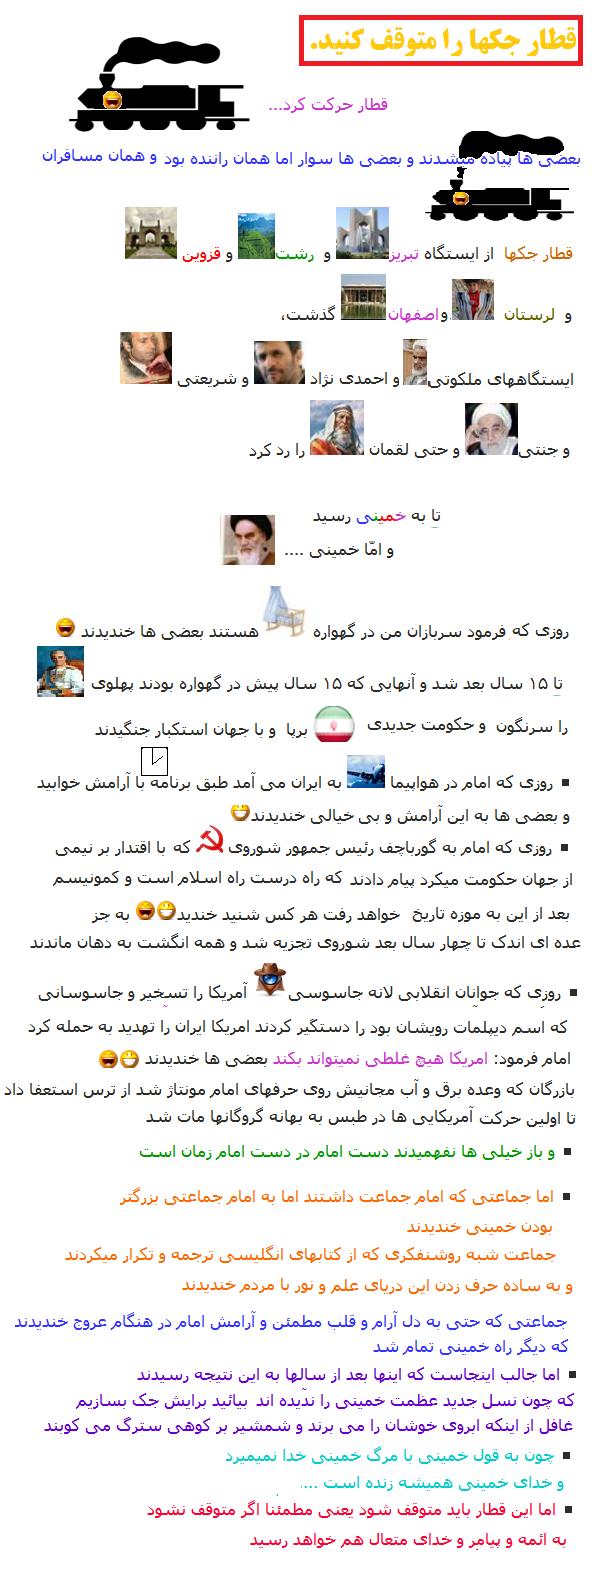 توهین به امام خمینی